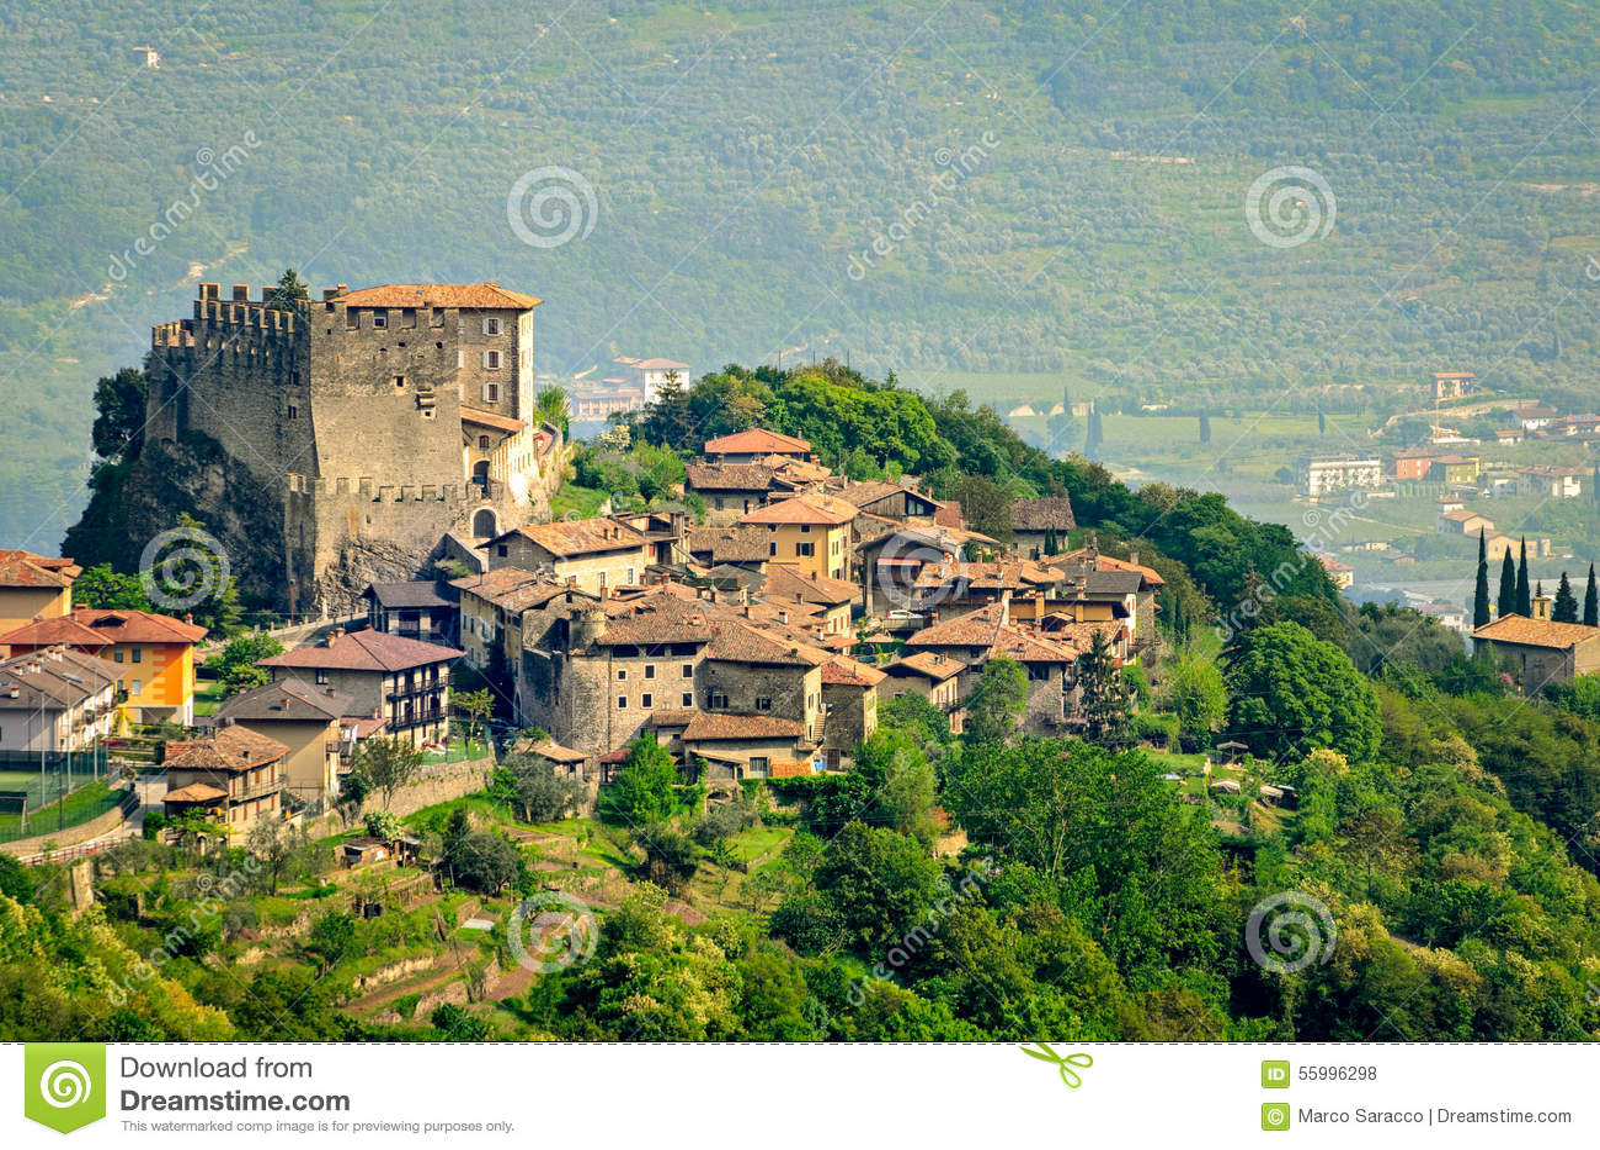 Tenno trentino alto adige italy stock photo image of for Mobilificio trentino alto adige